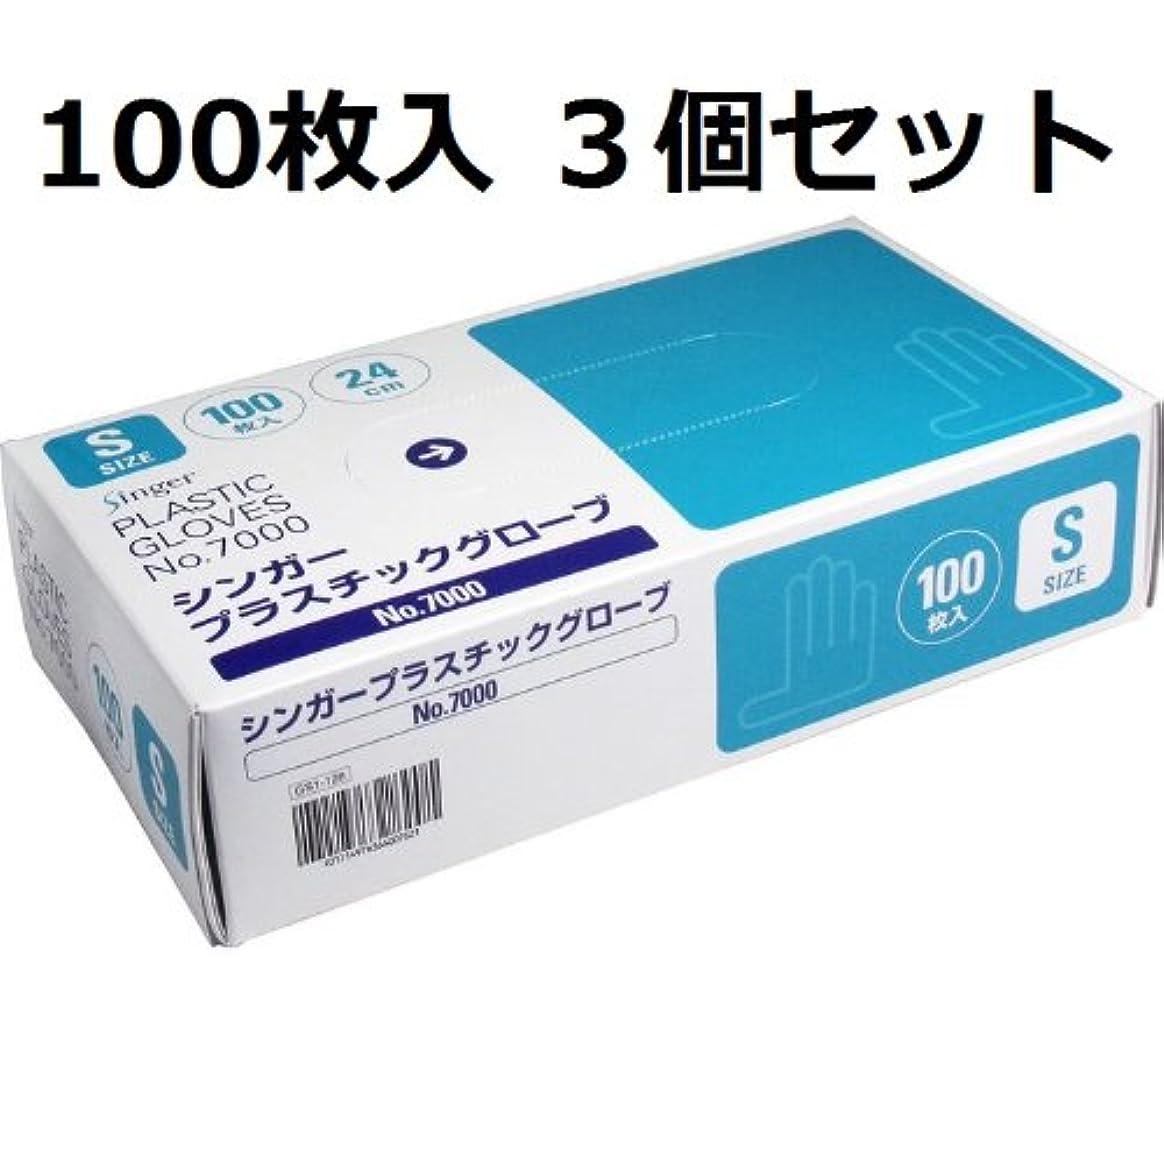 くすぐったい被るカリング便利な左右兼用タイプ シンガープラスチックグローブ No.7000 Sサイズ 100枚入  3個セット